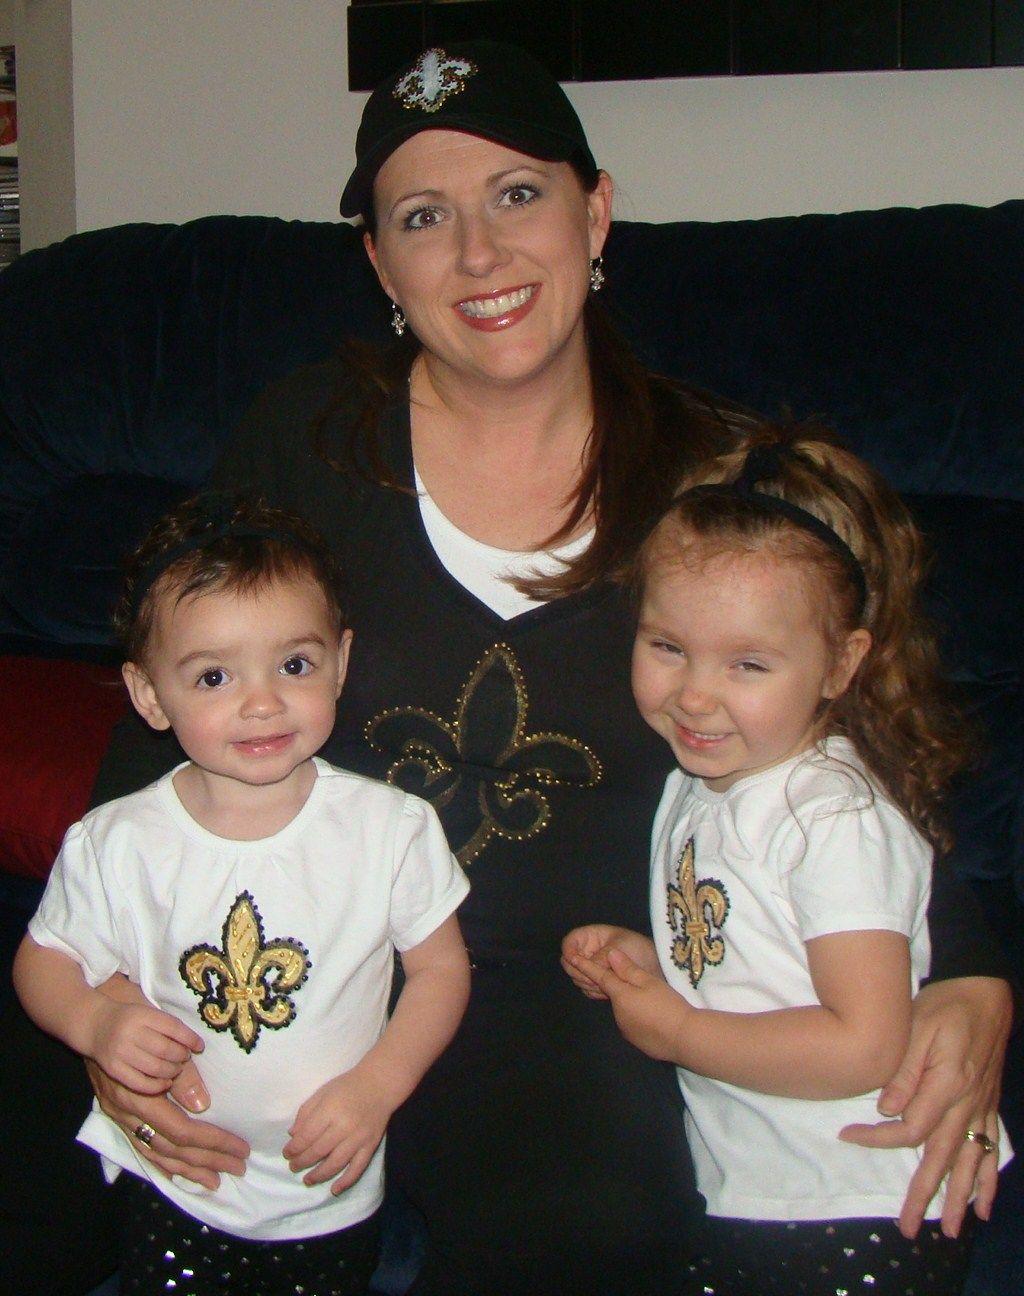 fleur de lis shirts & matching hat - GO Saints! (painted with fabric paint)